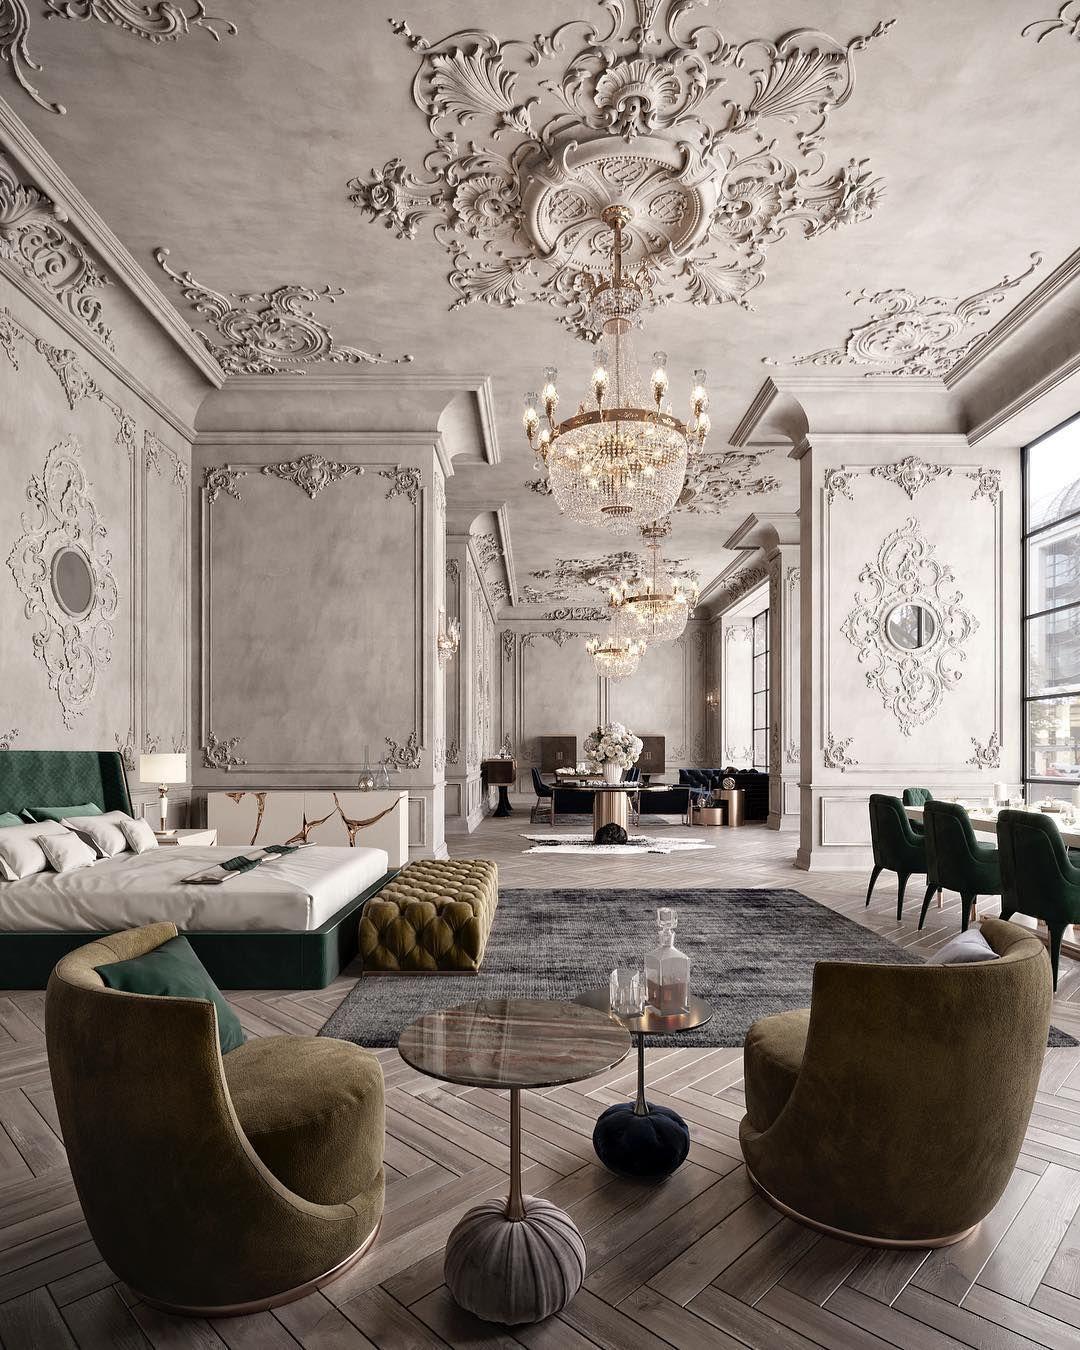 Best Interior Designers Shamir Shah Design Classic Interior Design Luxury Interior Design Luxury Interior